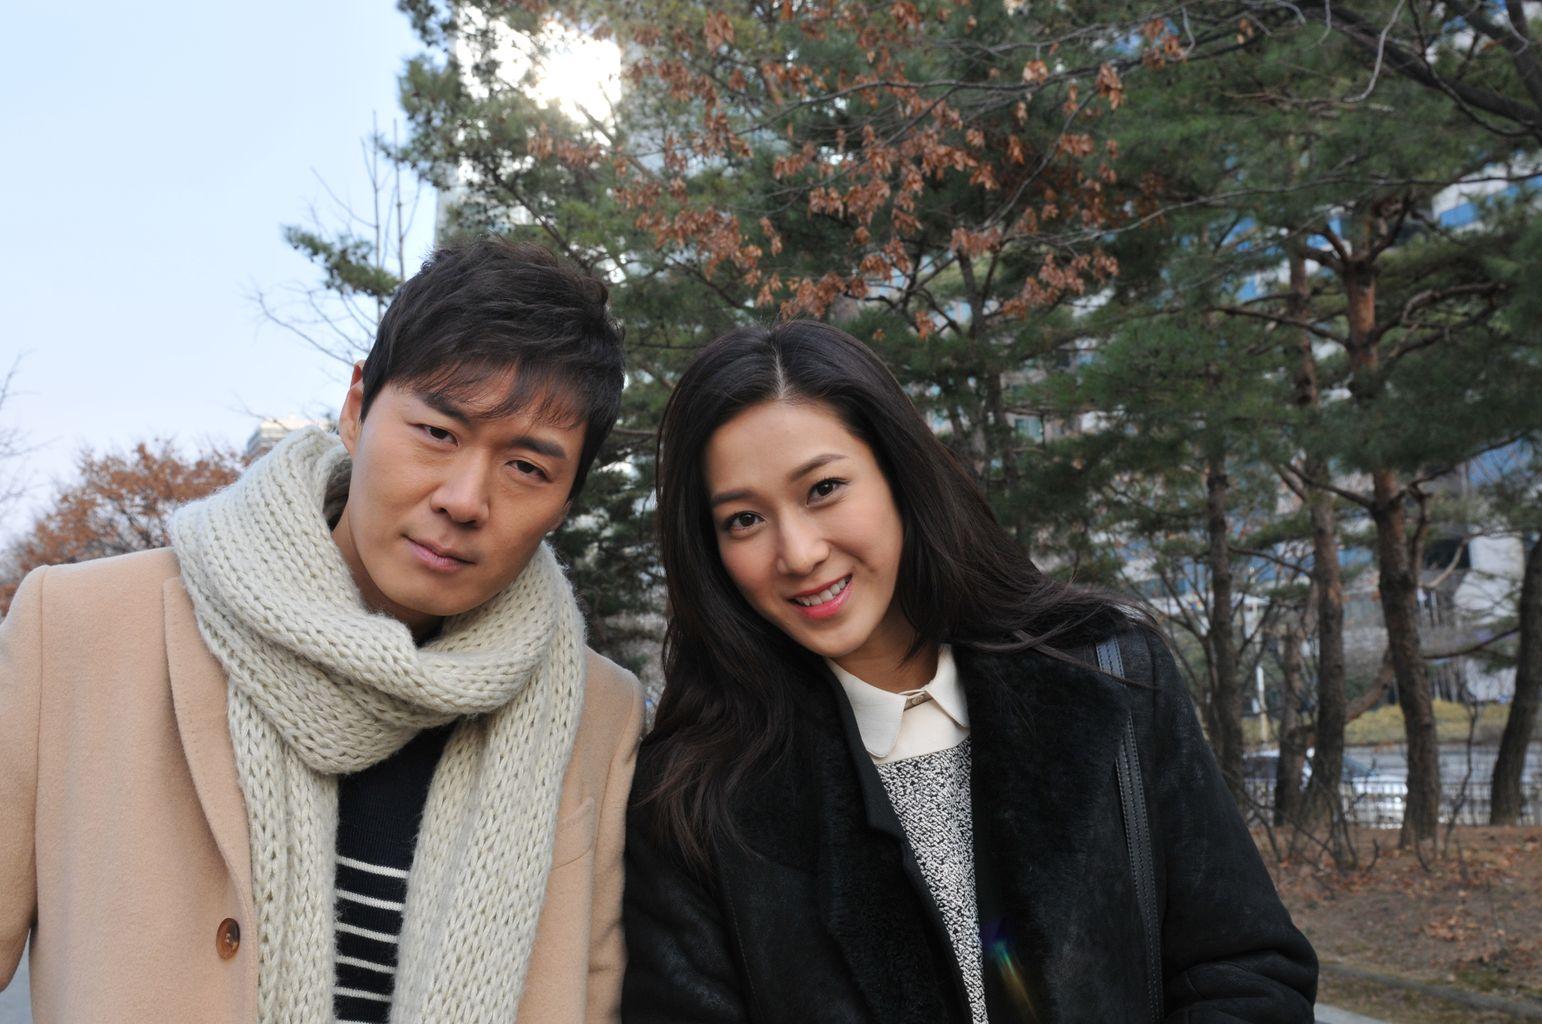 愛情來的時候-韓國第1集 免費線上看 港劇 LINE TV-精彩隨看